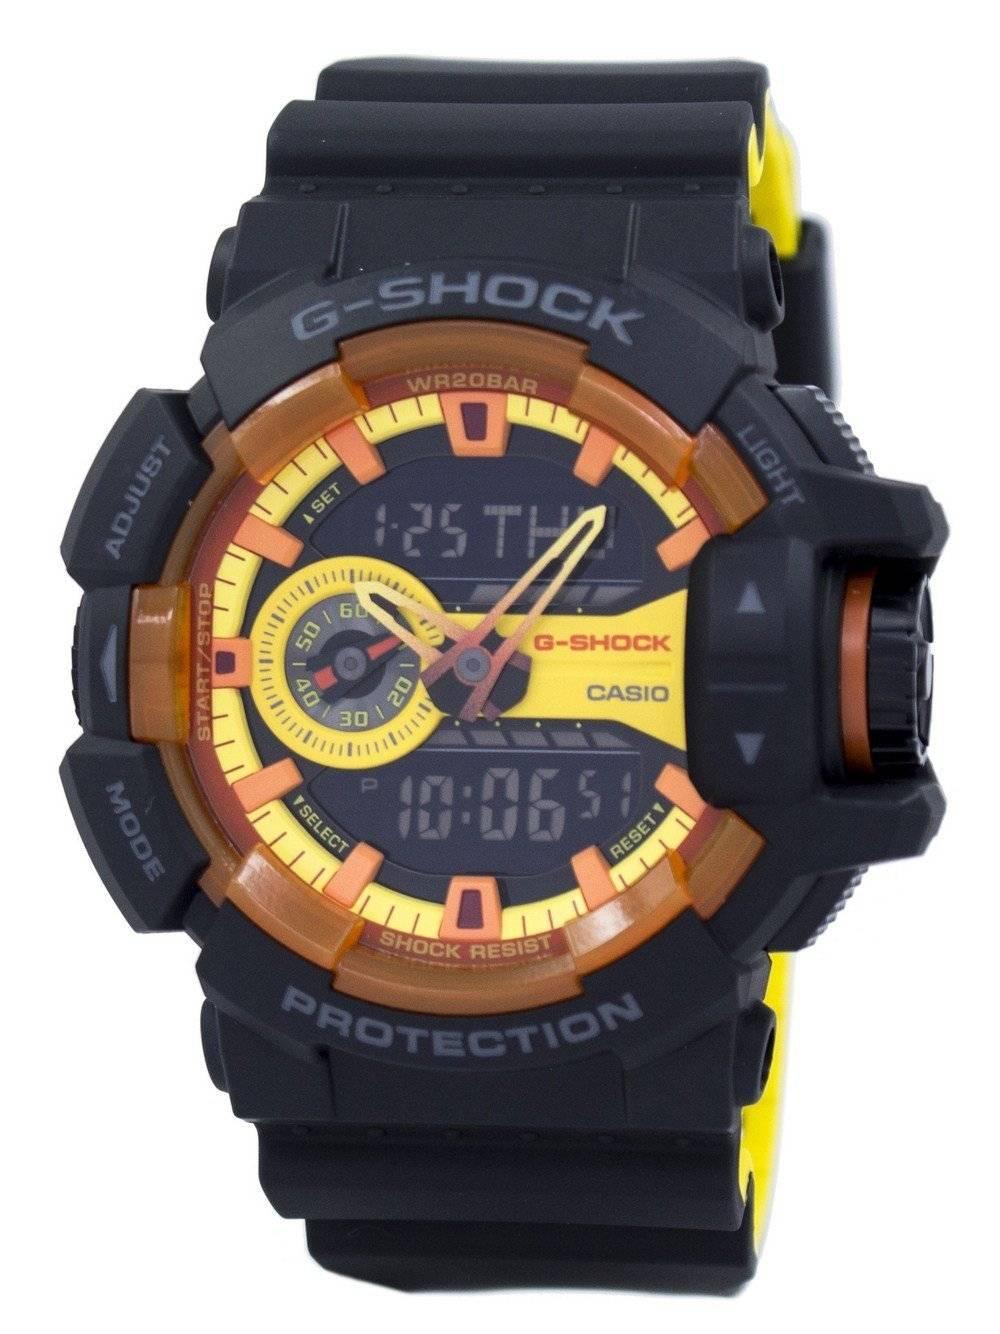 efb71d4f9adc Casio G-Shock Shock Resistant Analog Digital GA-400BY-1ADR GA400BY-1ADR  Men s Watch